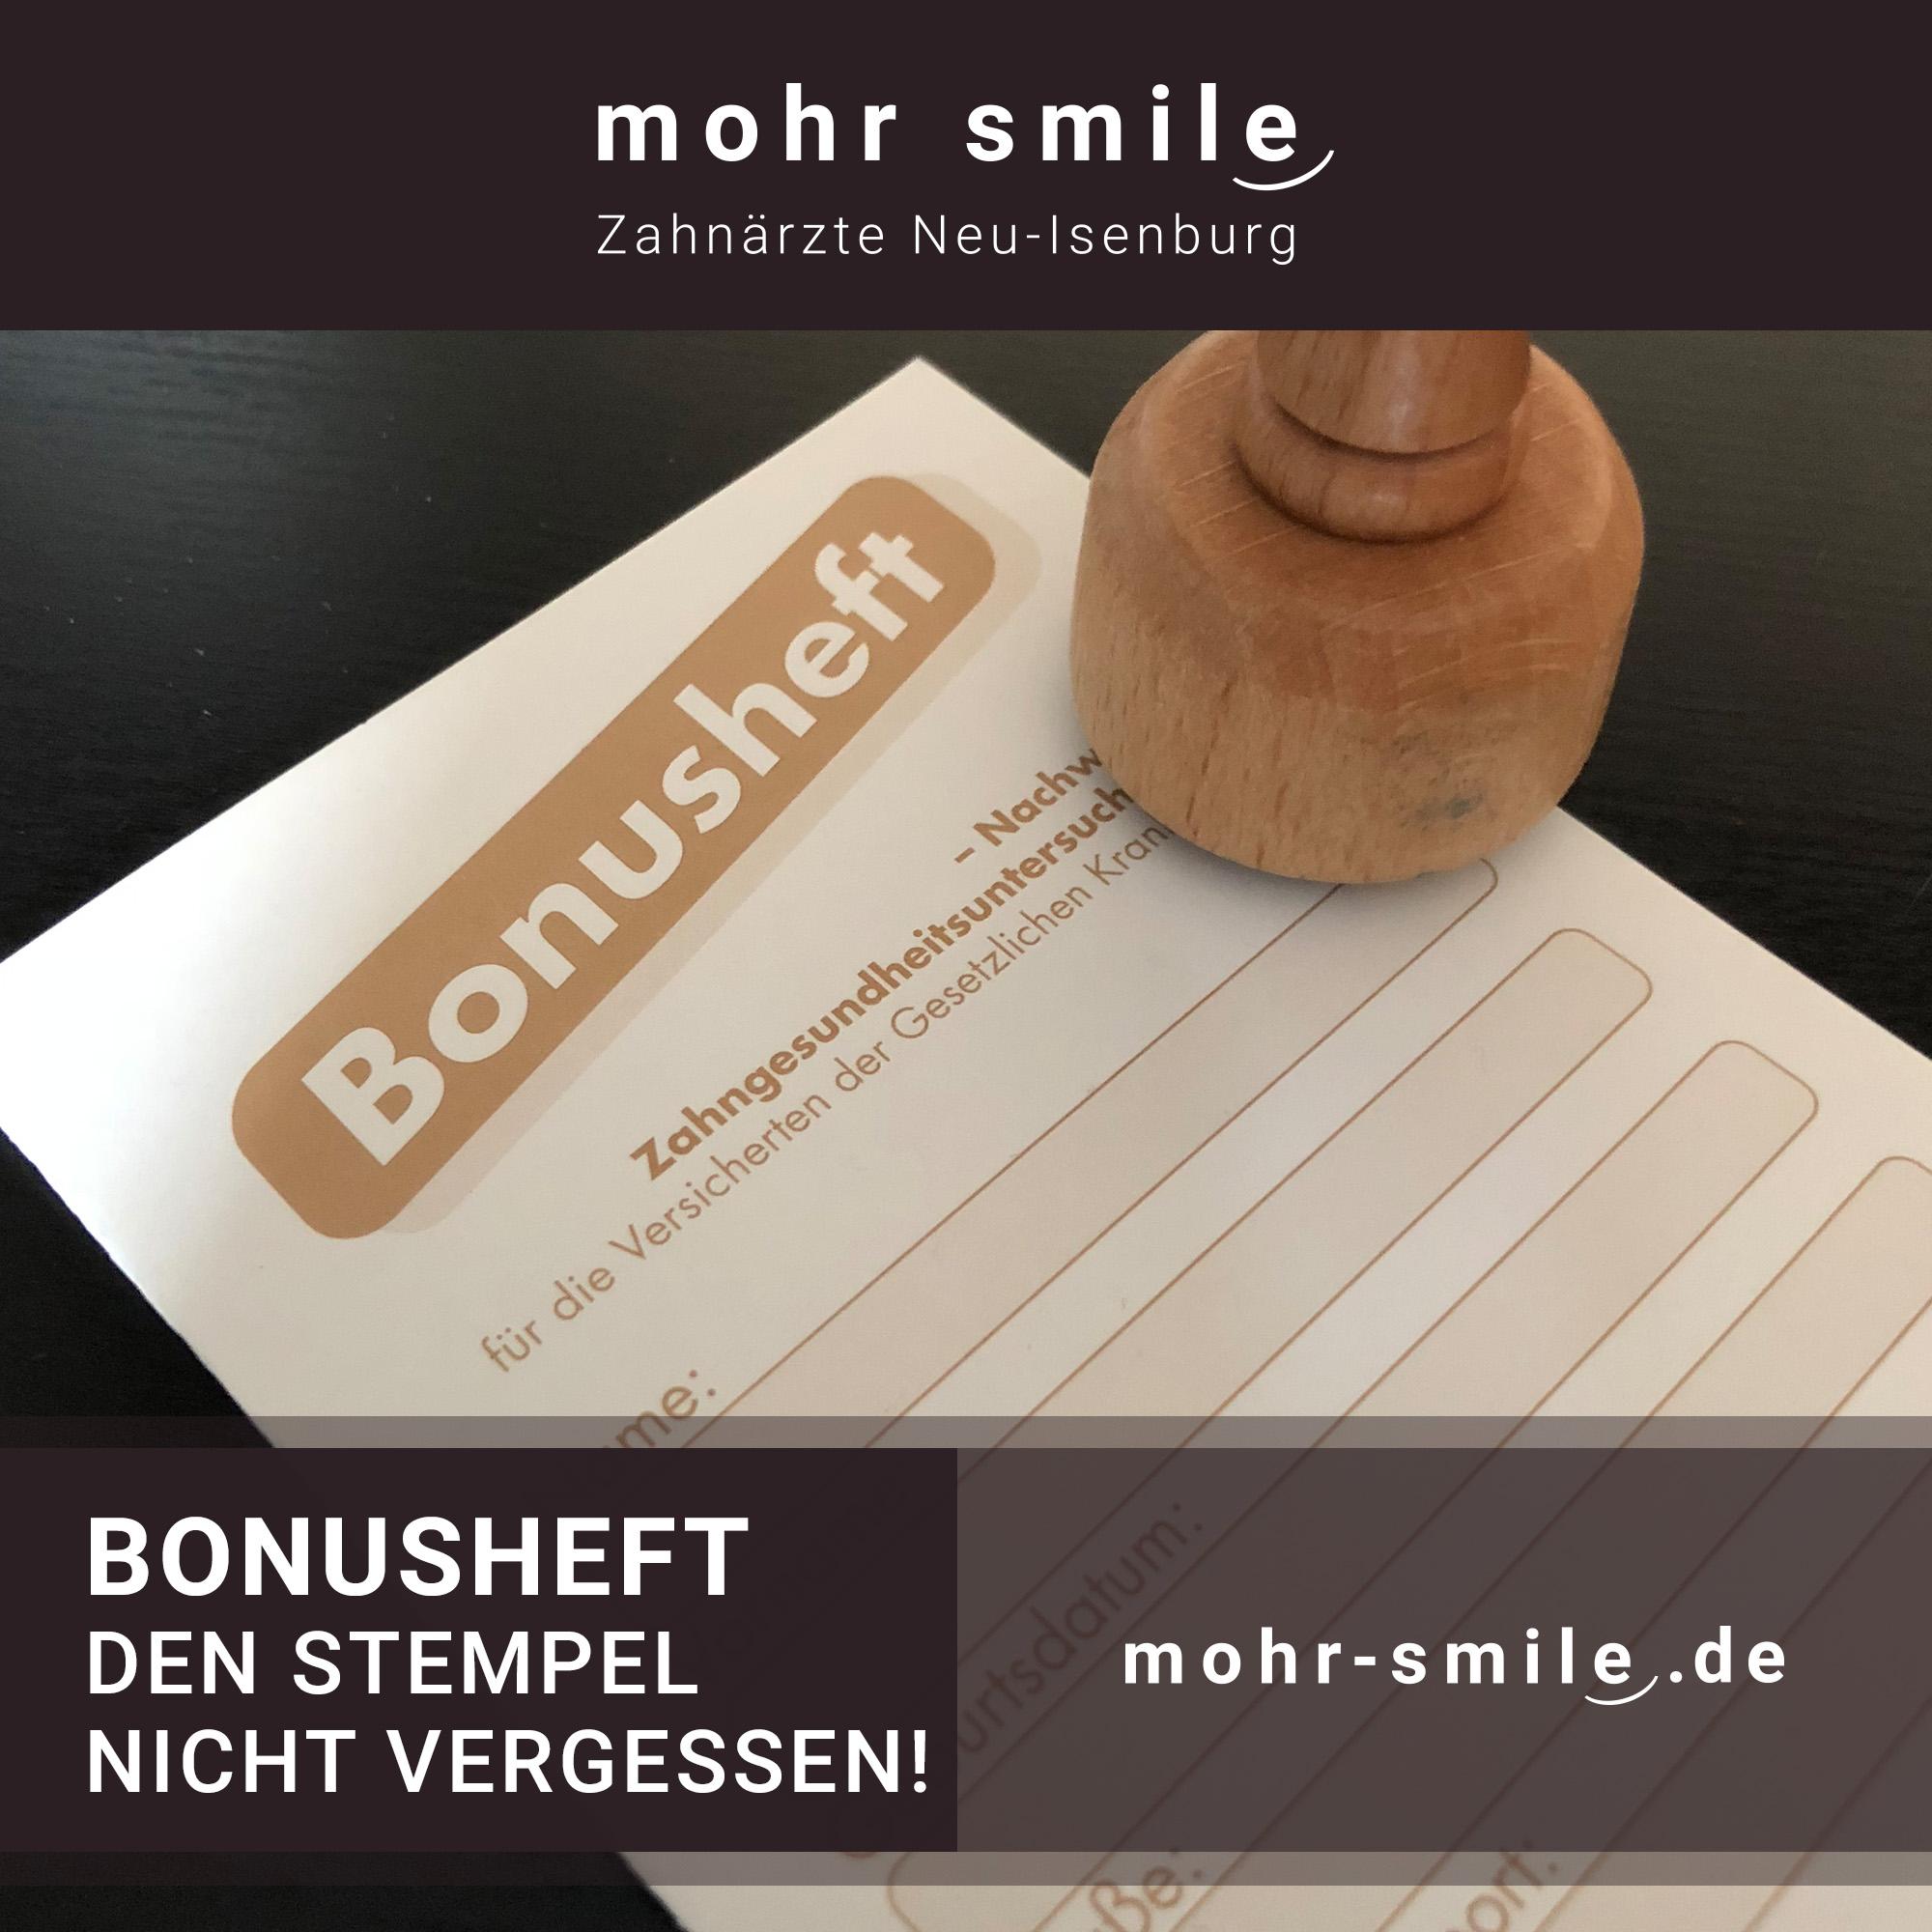 Bonusheft - Den Stempel nicht vergessen! Zahnarztpraxis mohr smile